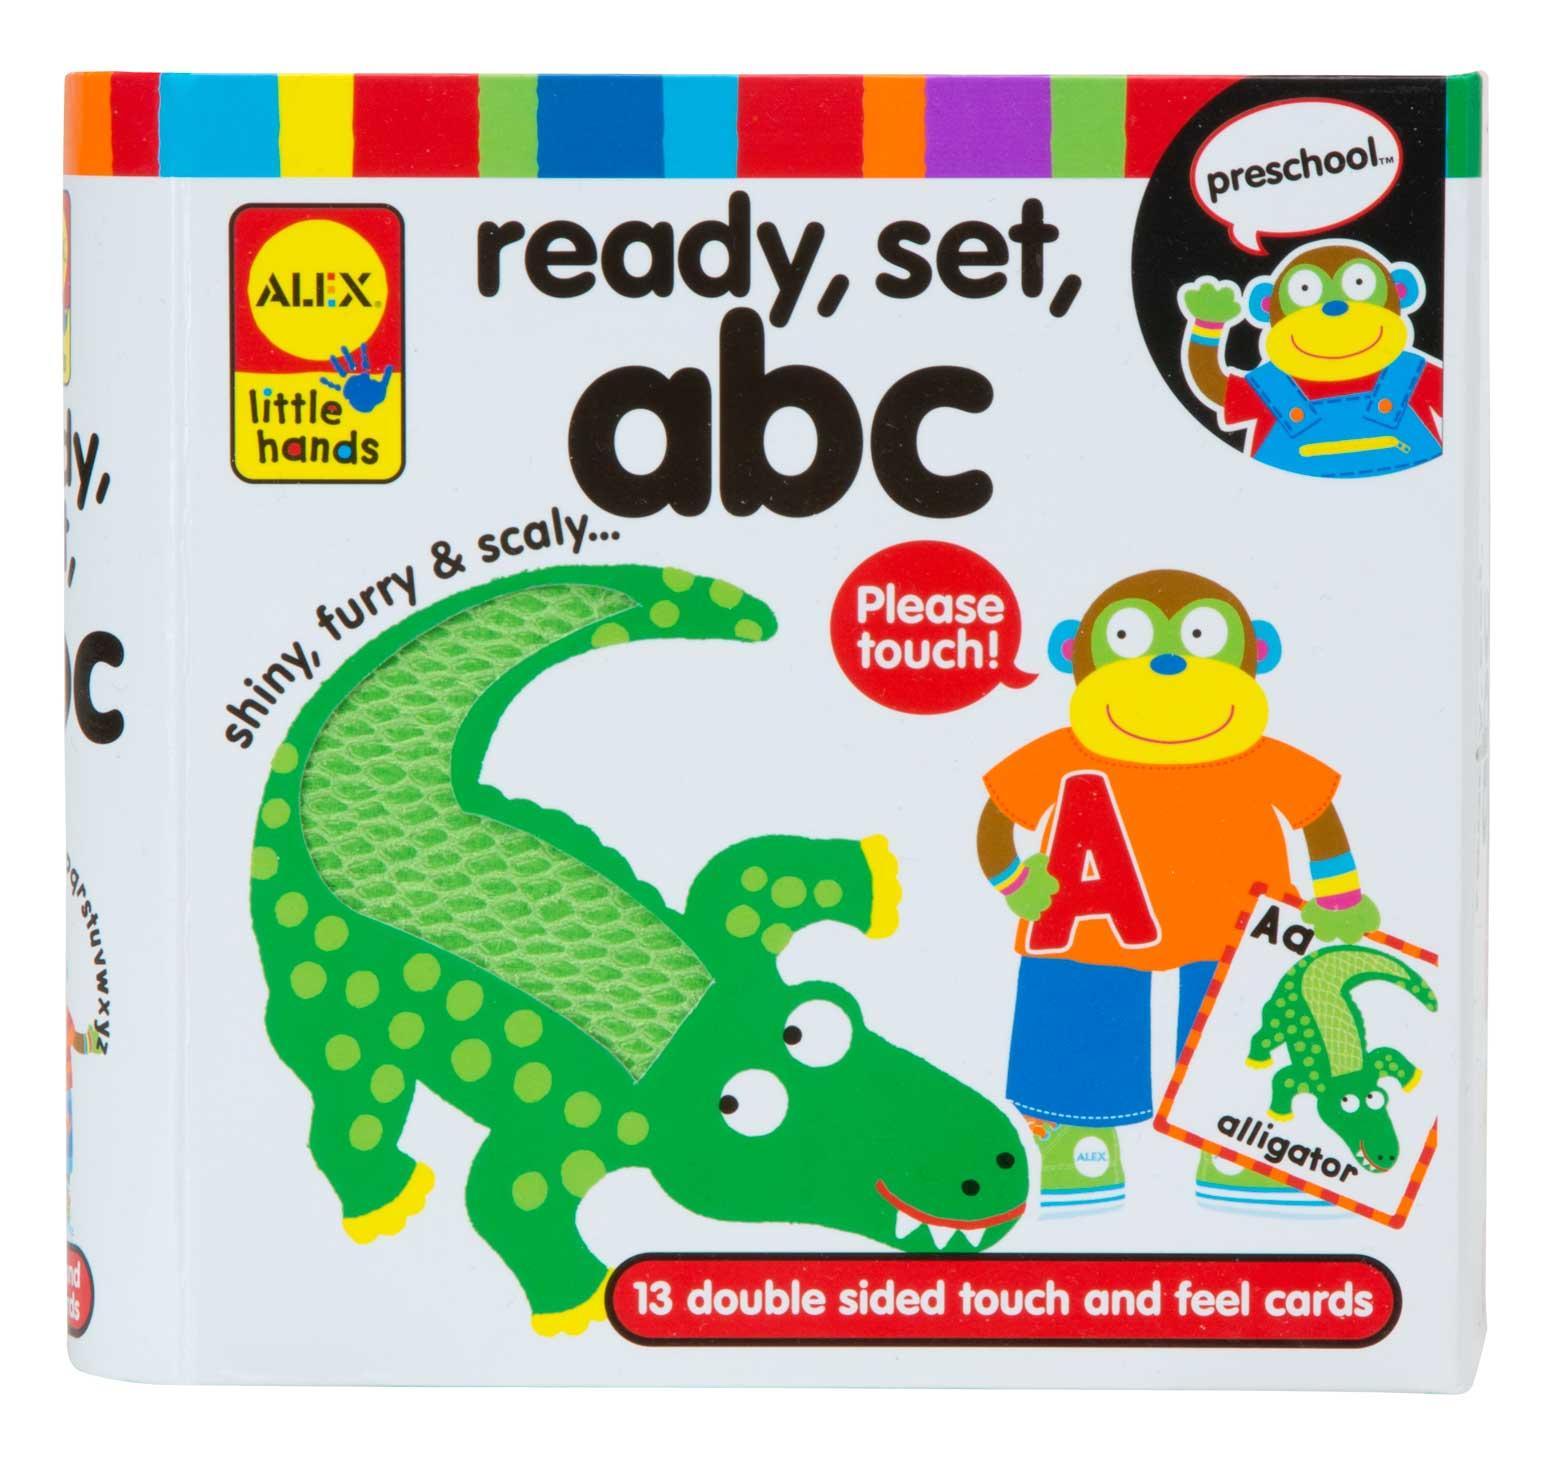 Amazon.com: ALEX Toys Little Hands Ready Set ABC: Toys & Games